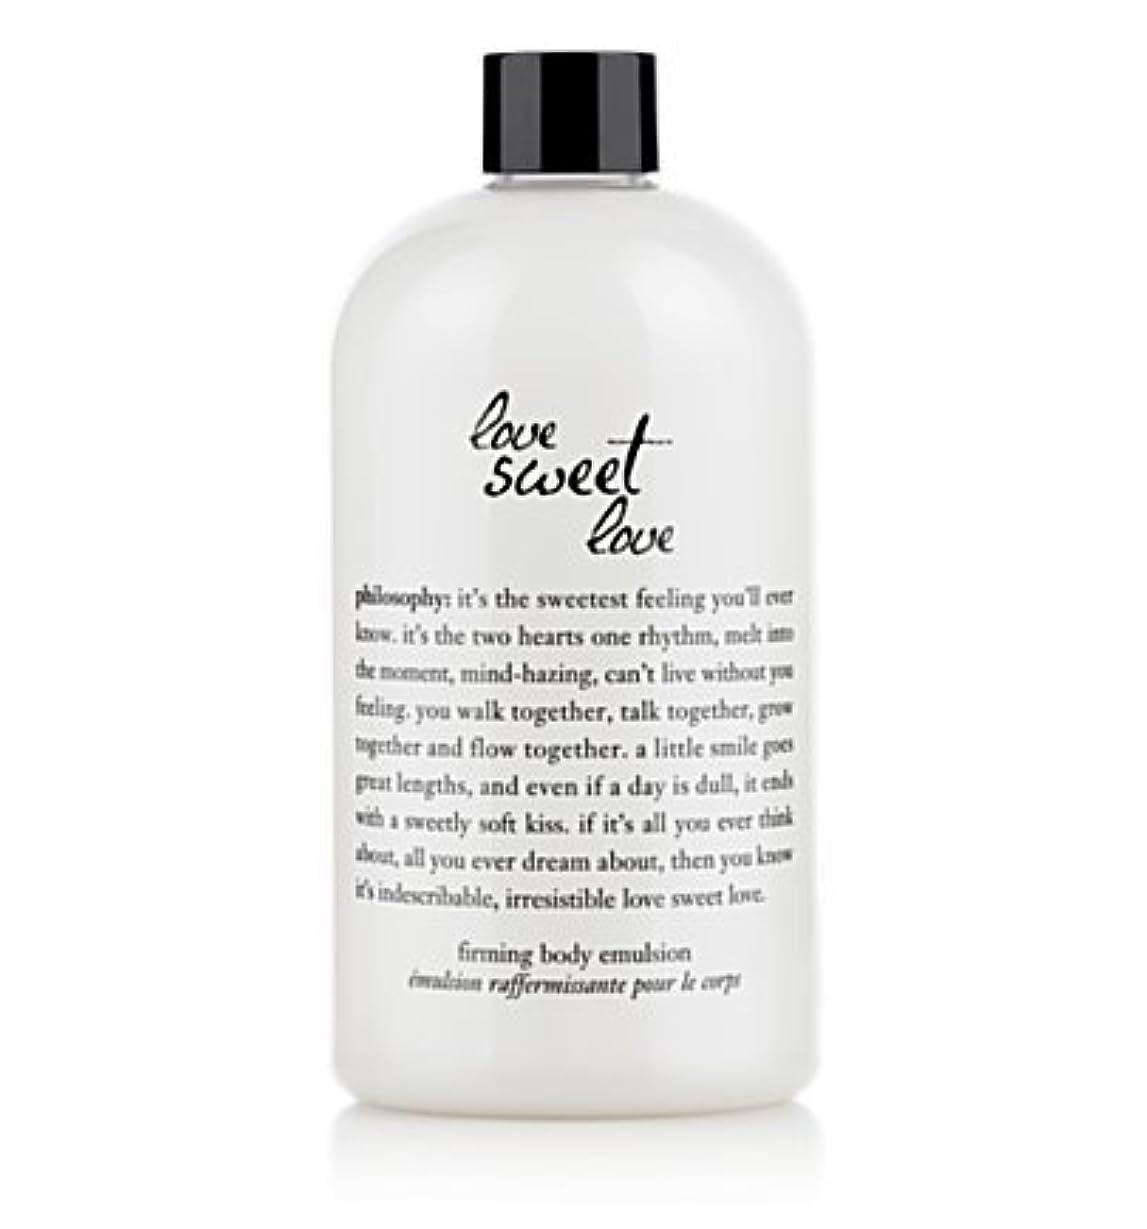 スリーブ見せます削除するlove sweet love (ラブスイートラブ ) 16.0 oz (480ml) firming body emulsion for Women